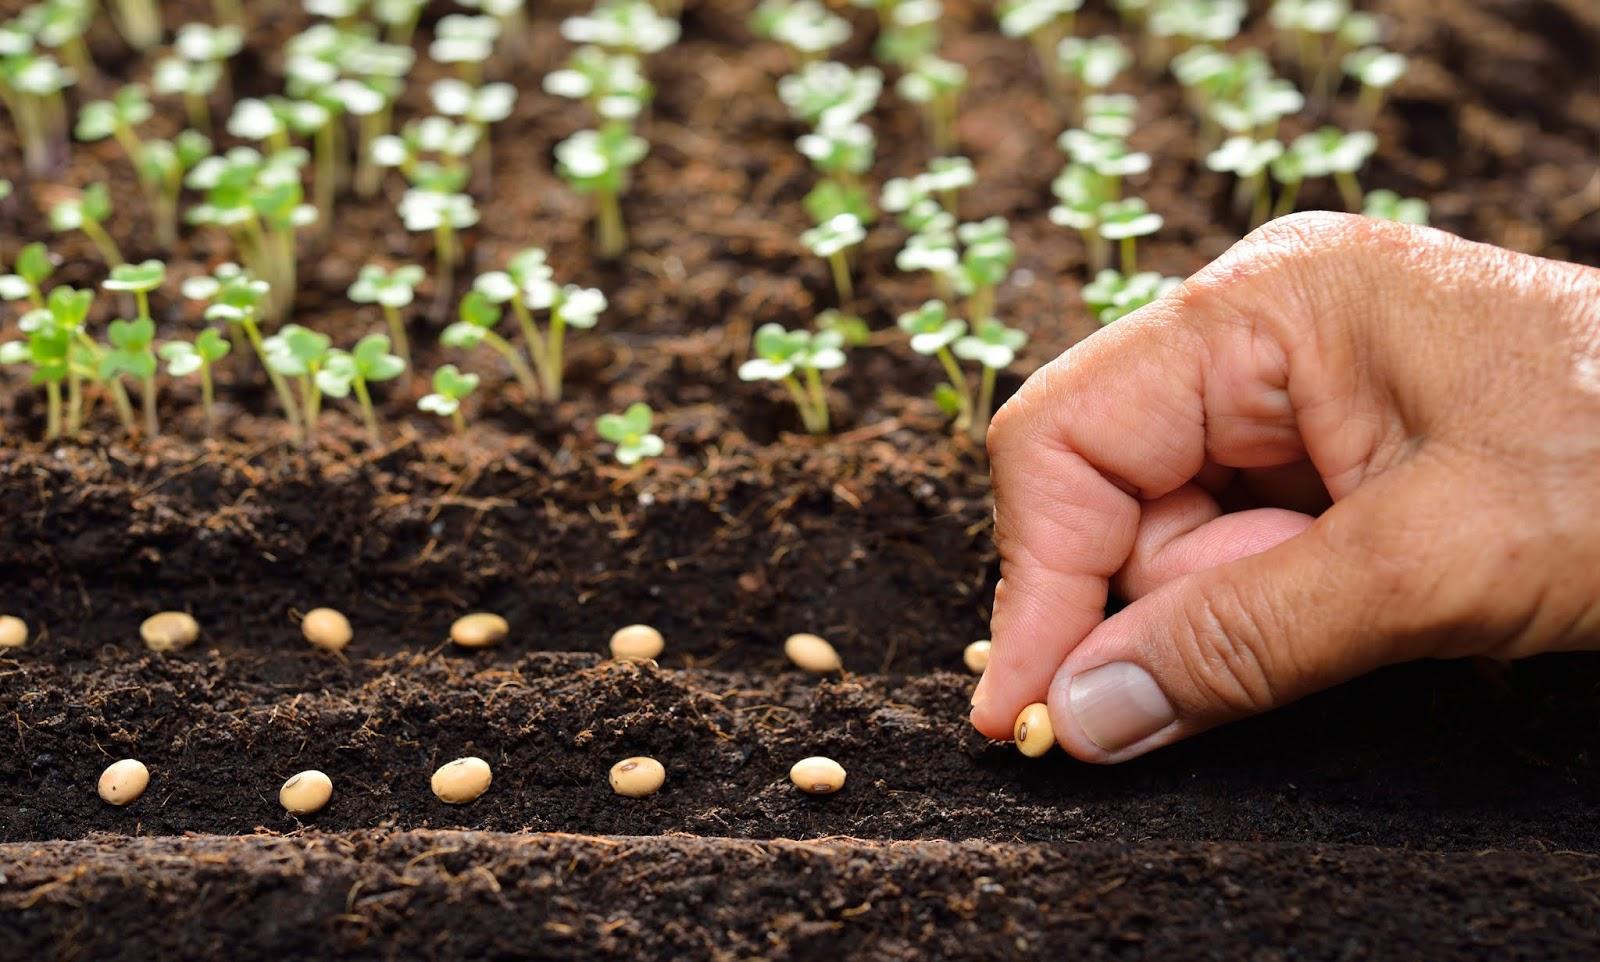 Ekim yapılacak alana göre tohum ekimleri de farklılık gösterir.